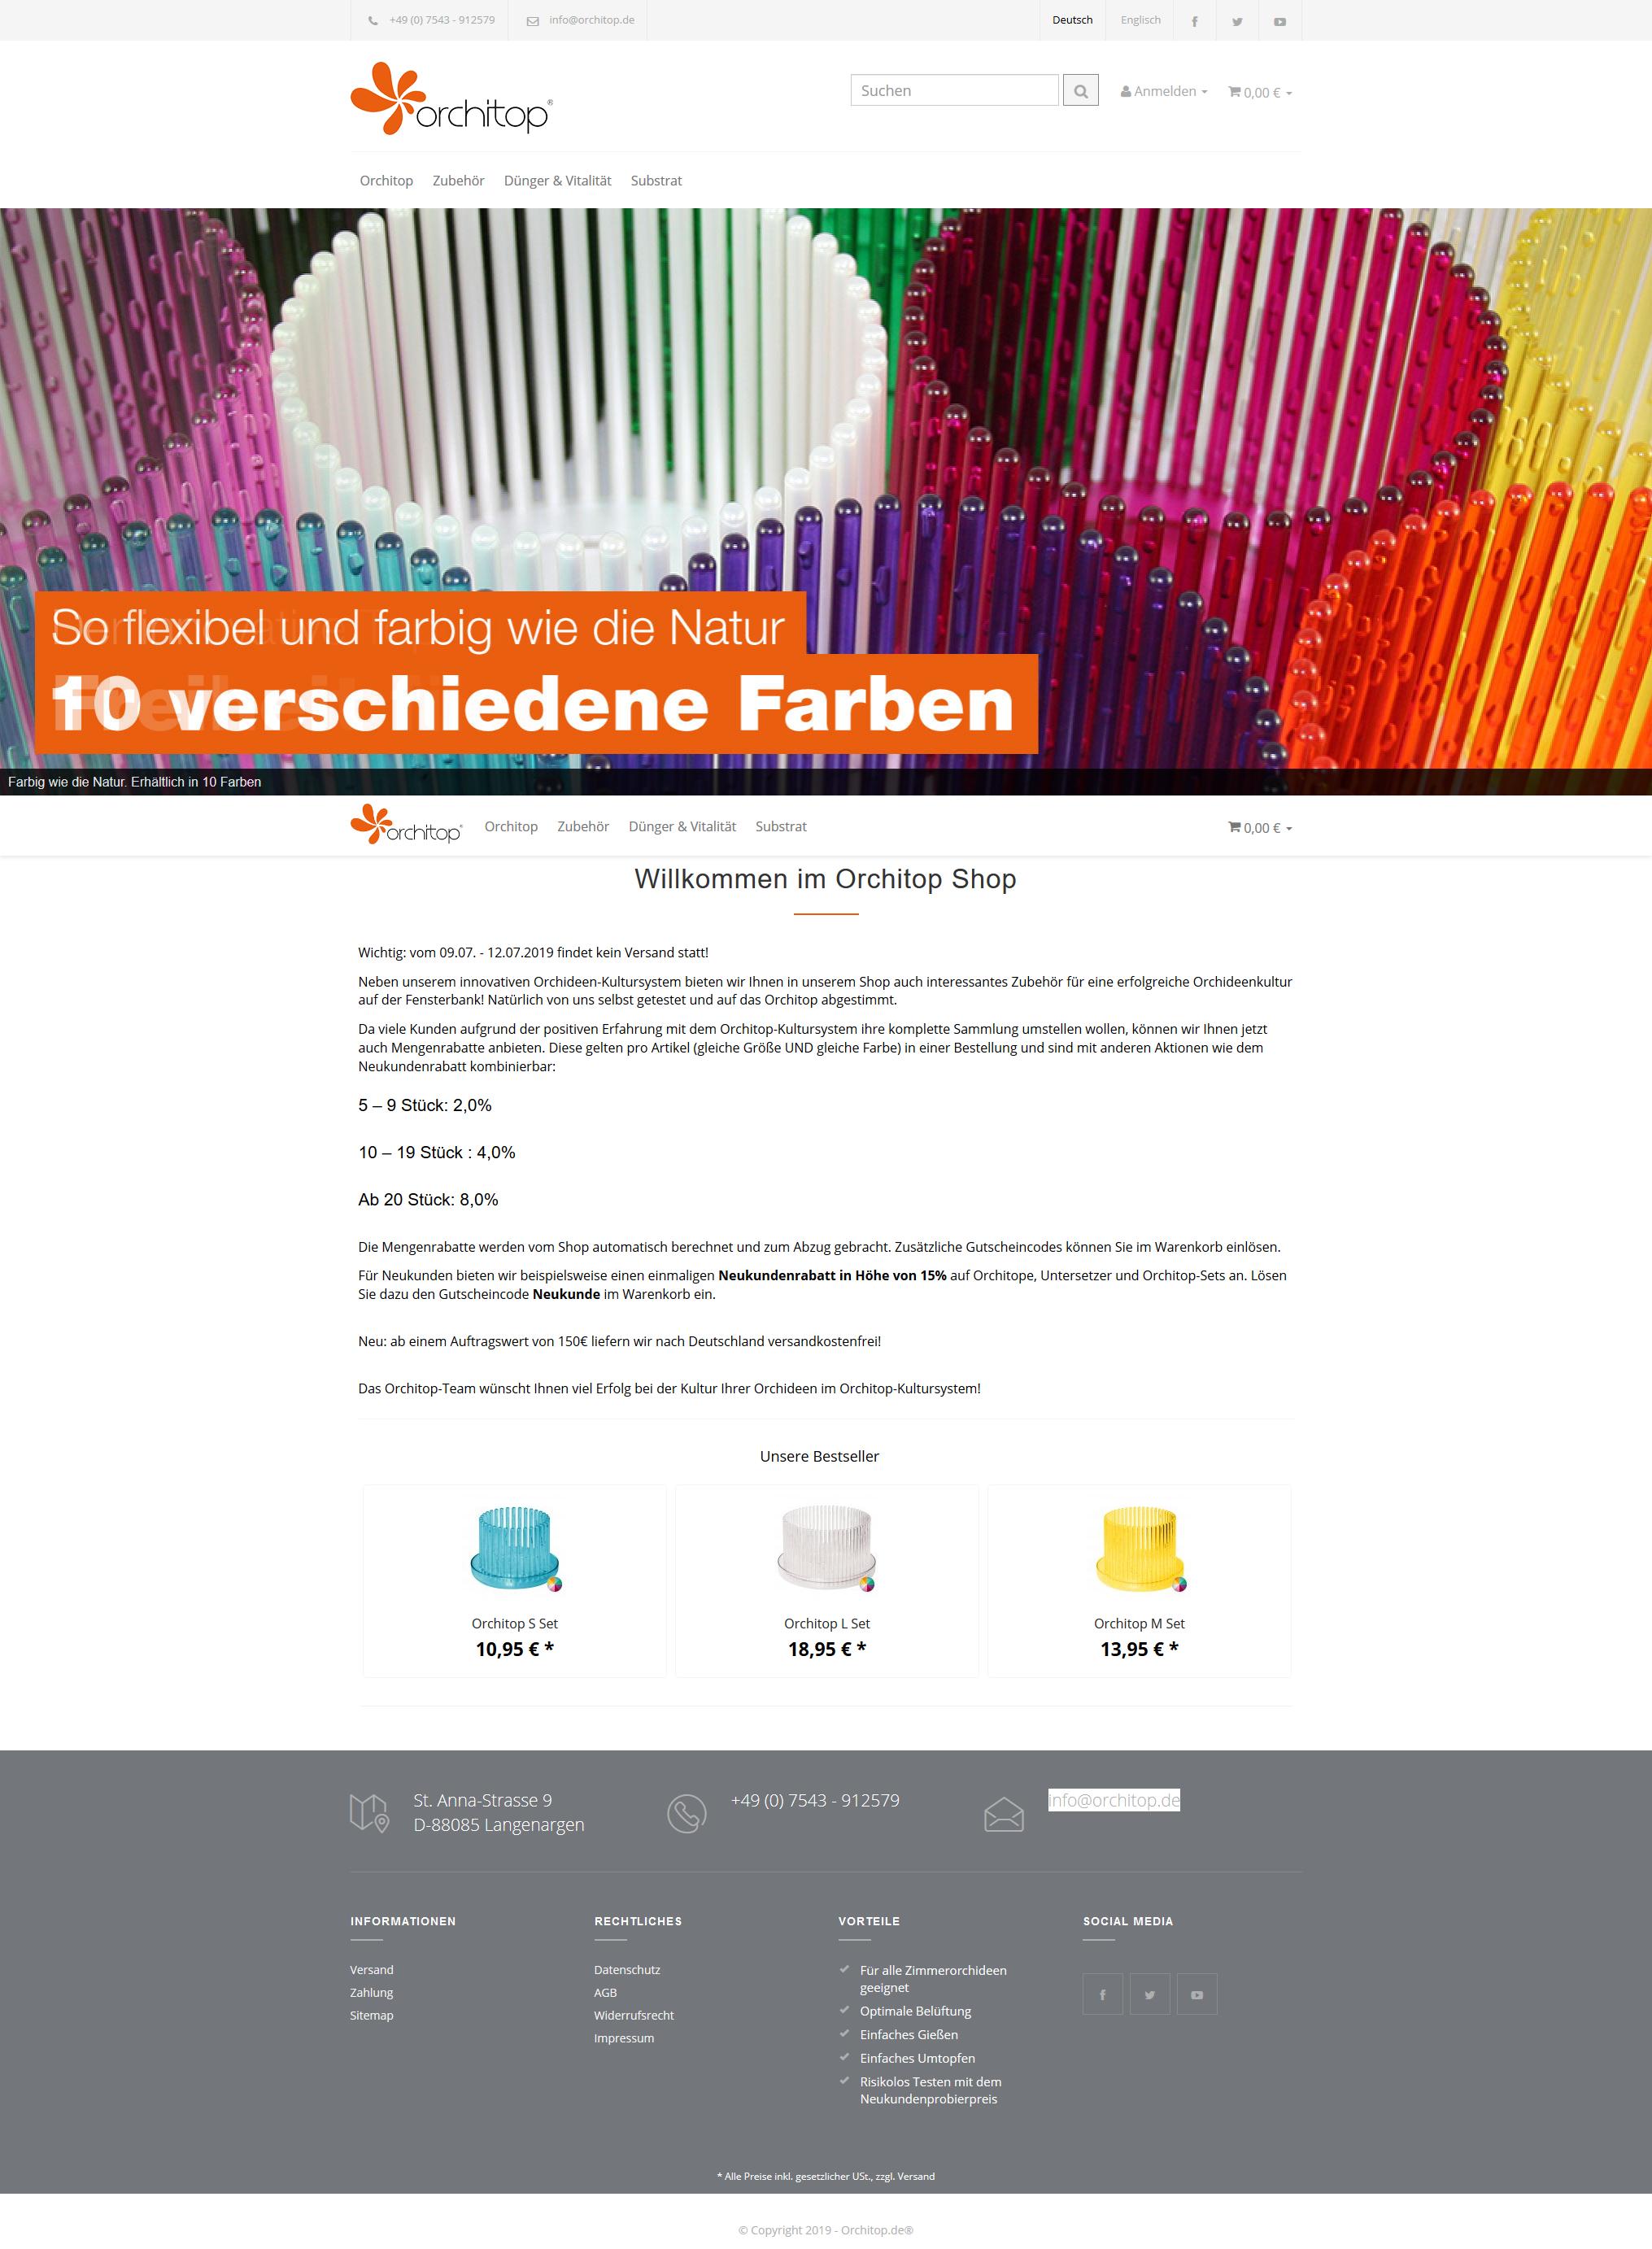 Orchitop Online Shop